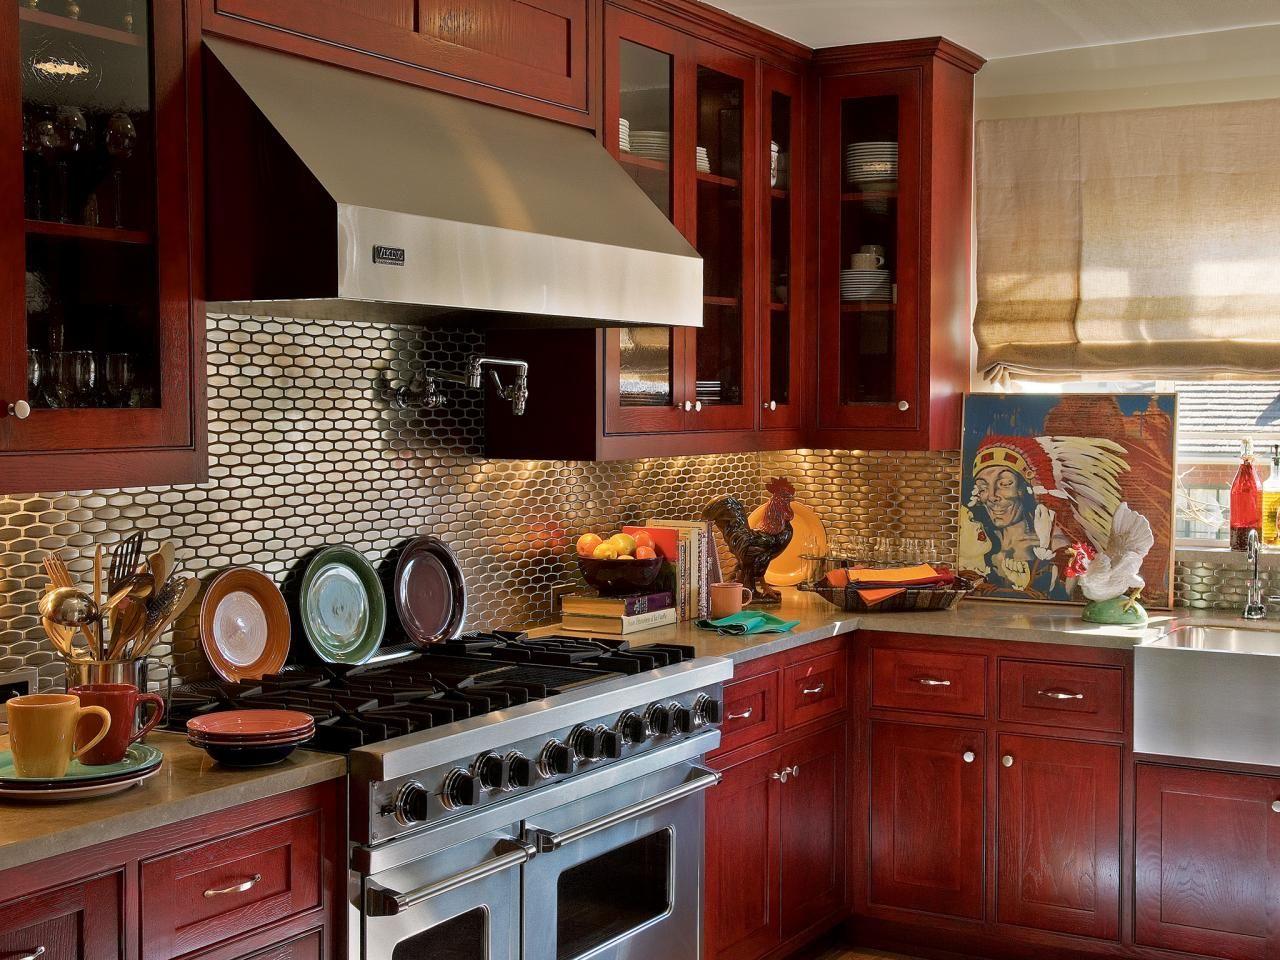 Rot Küche Schränke | Küche | Pinterest | Rote küche, Schränkchen und ...